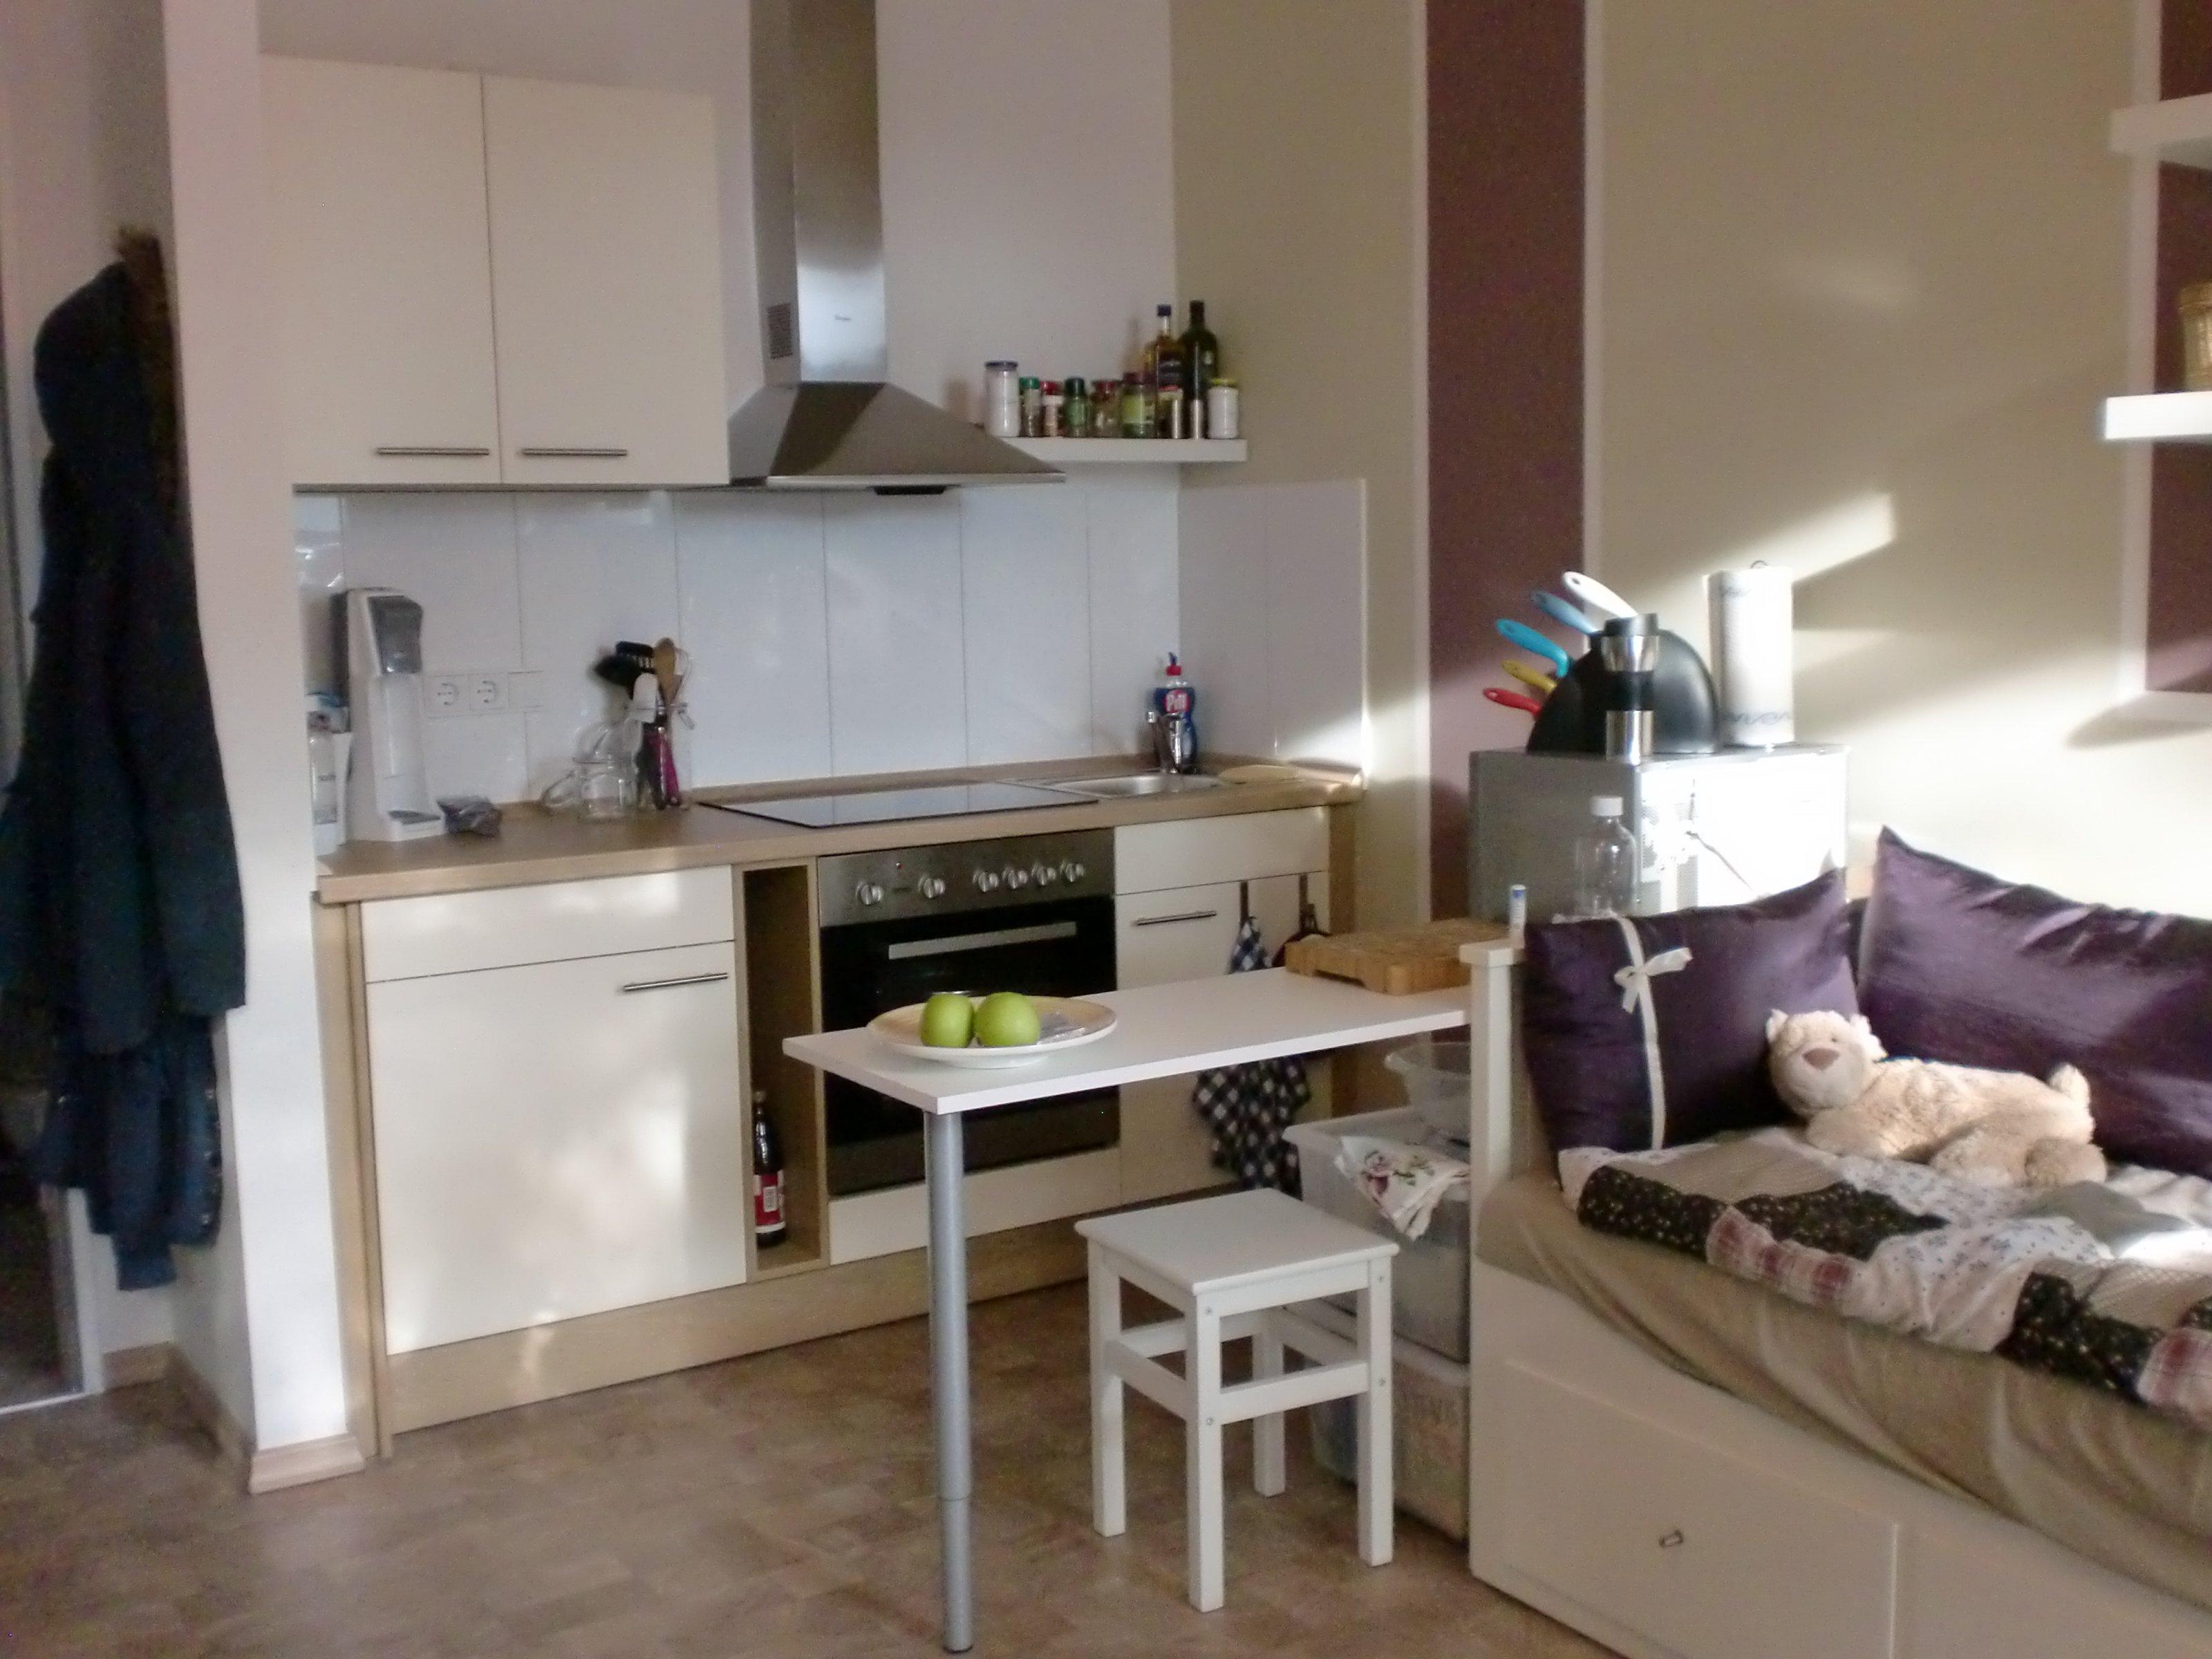 wohnzimmer 'meine 1. wohnung' - mein domizil - zimmerschau - Kleine Kuche Im Wohnzimmer